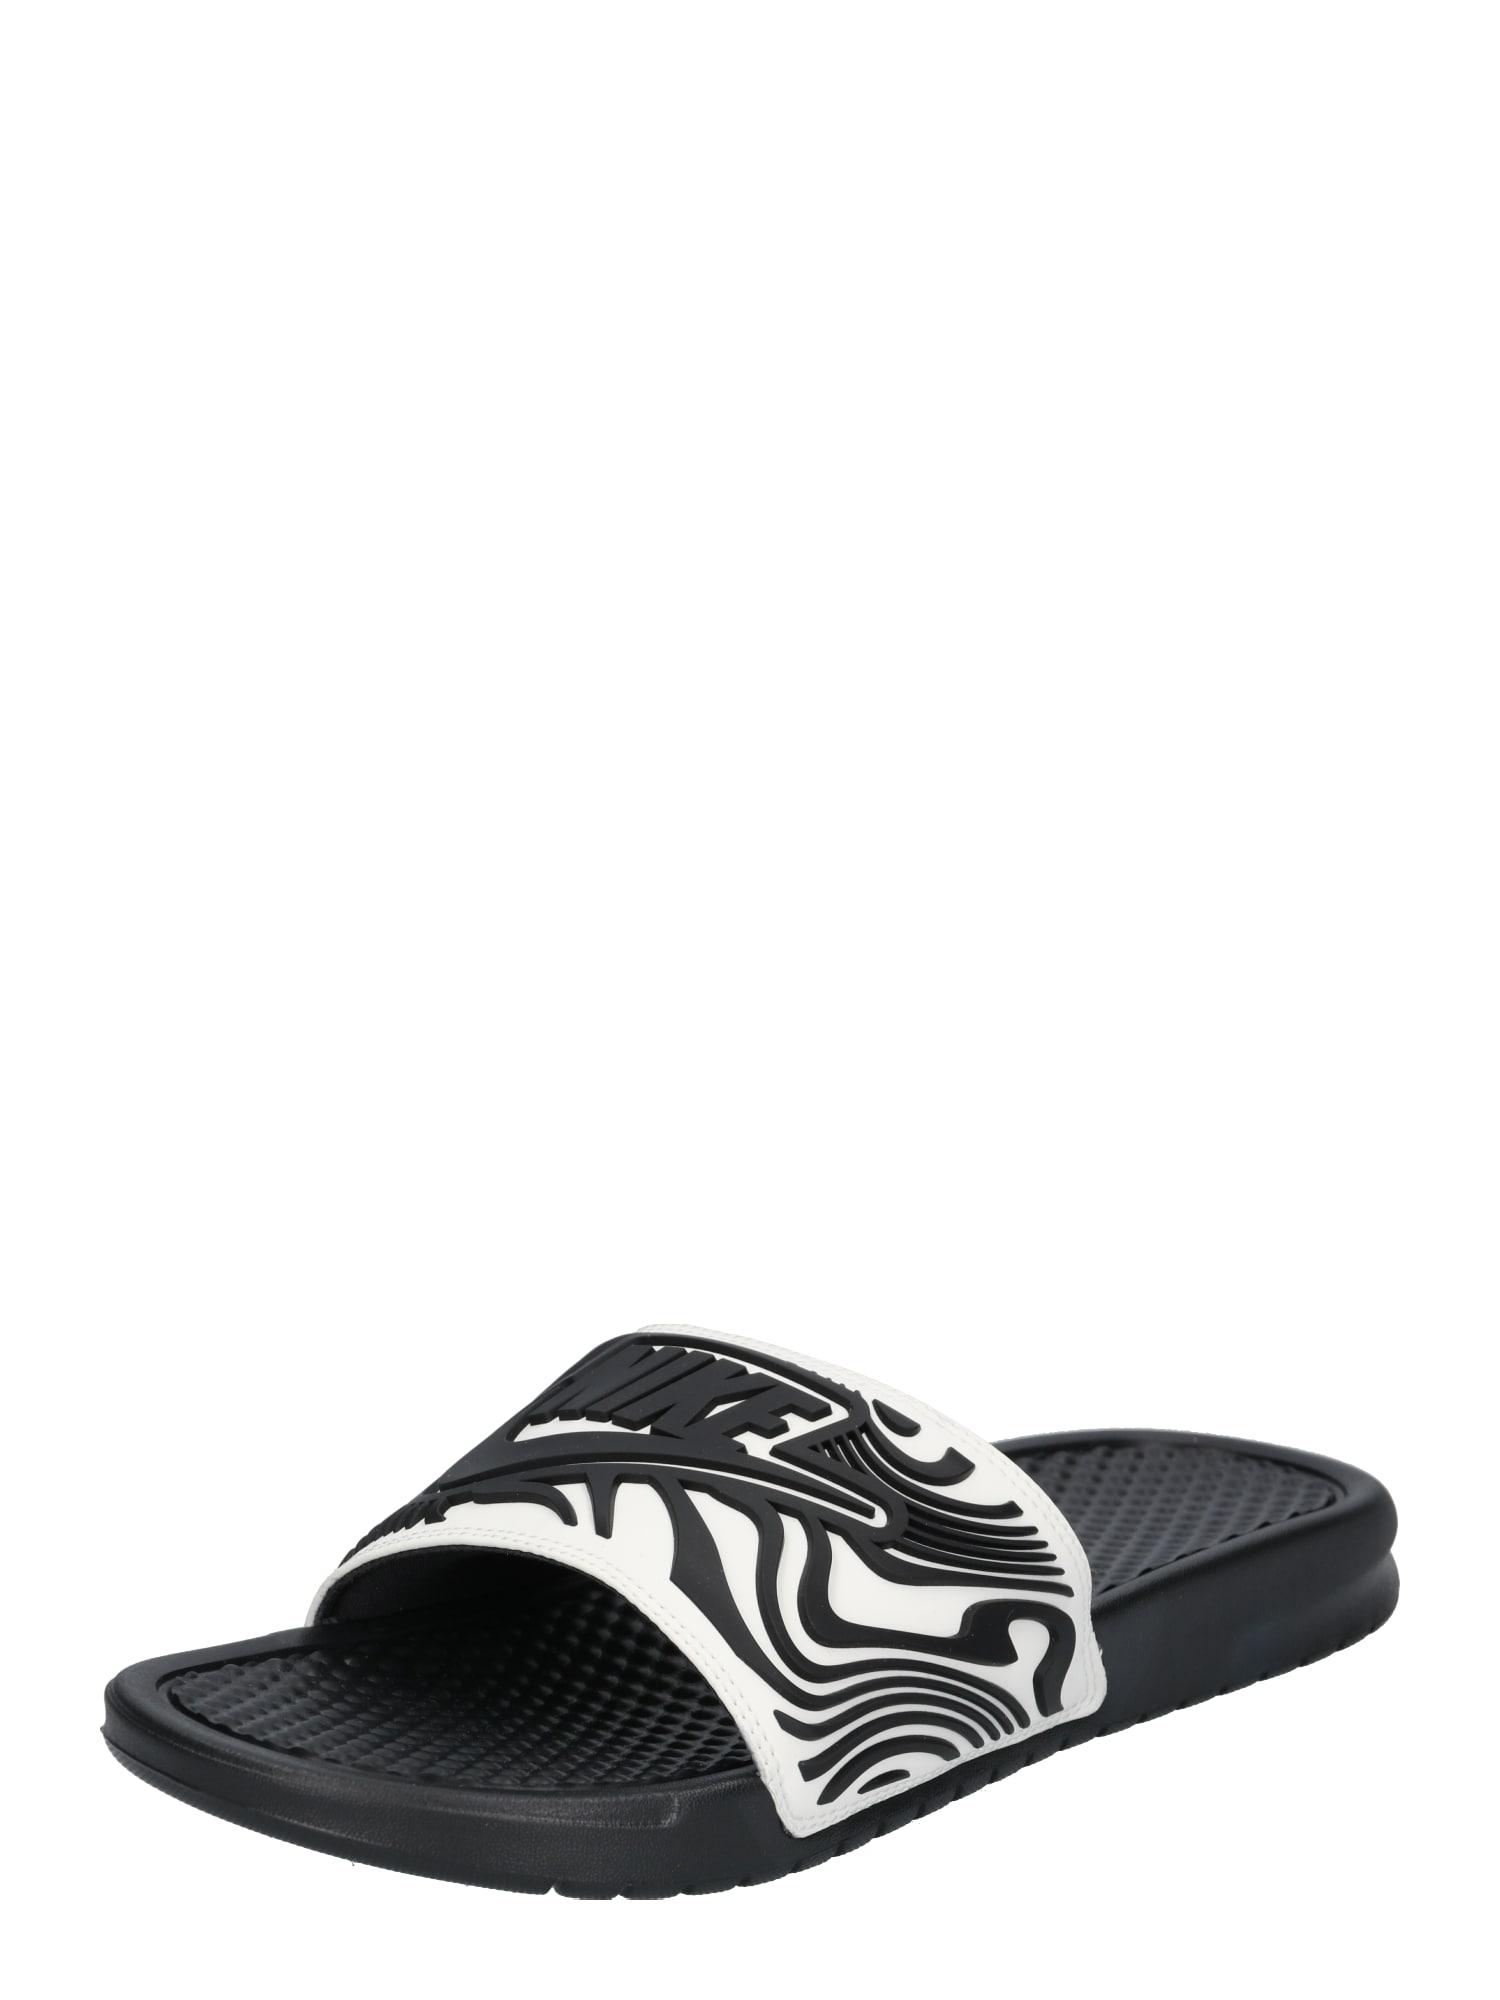 Nike Sportswear, Heren Strand-/badschoen 'BENASSI JDI SE', zwart / wit